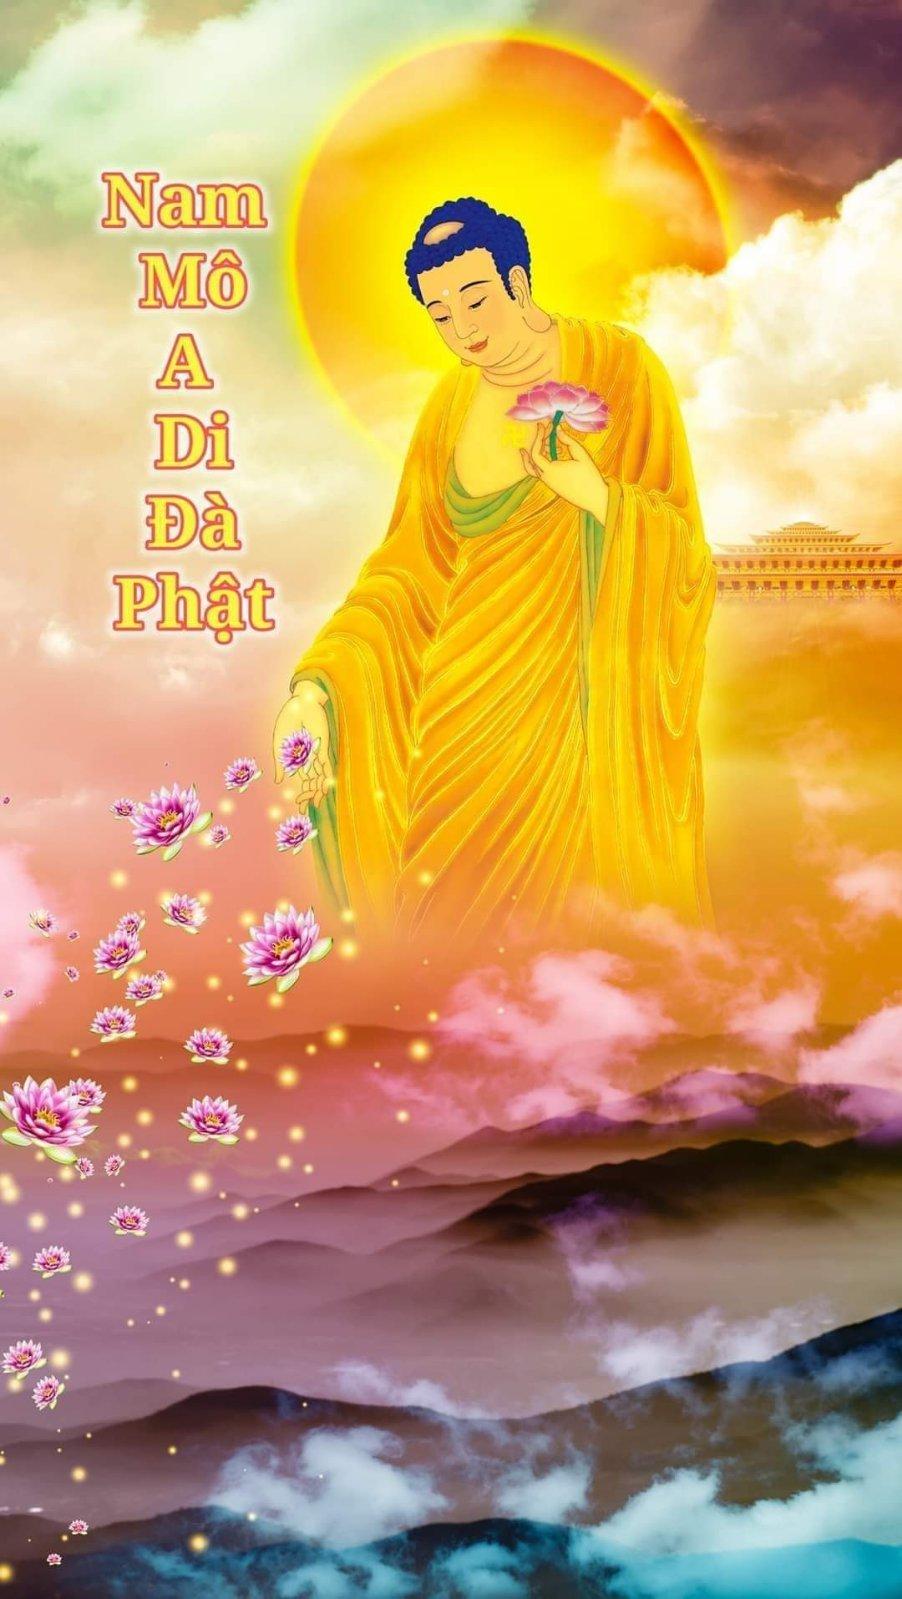 Thành Kính Phân Ưu Phật tử Thiều Công Danh